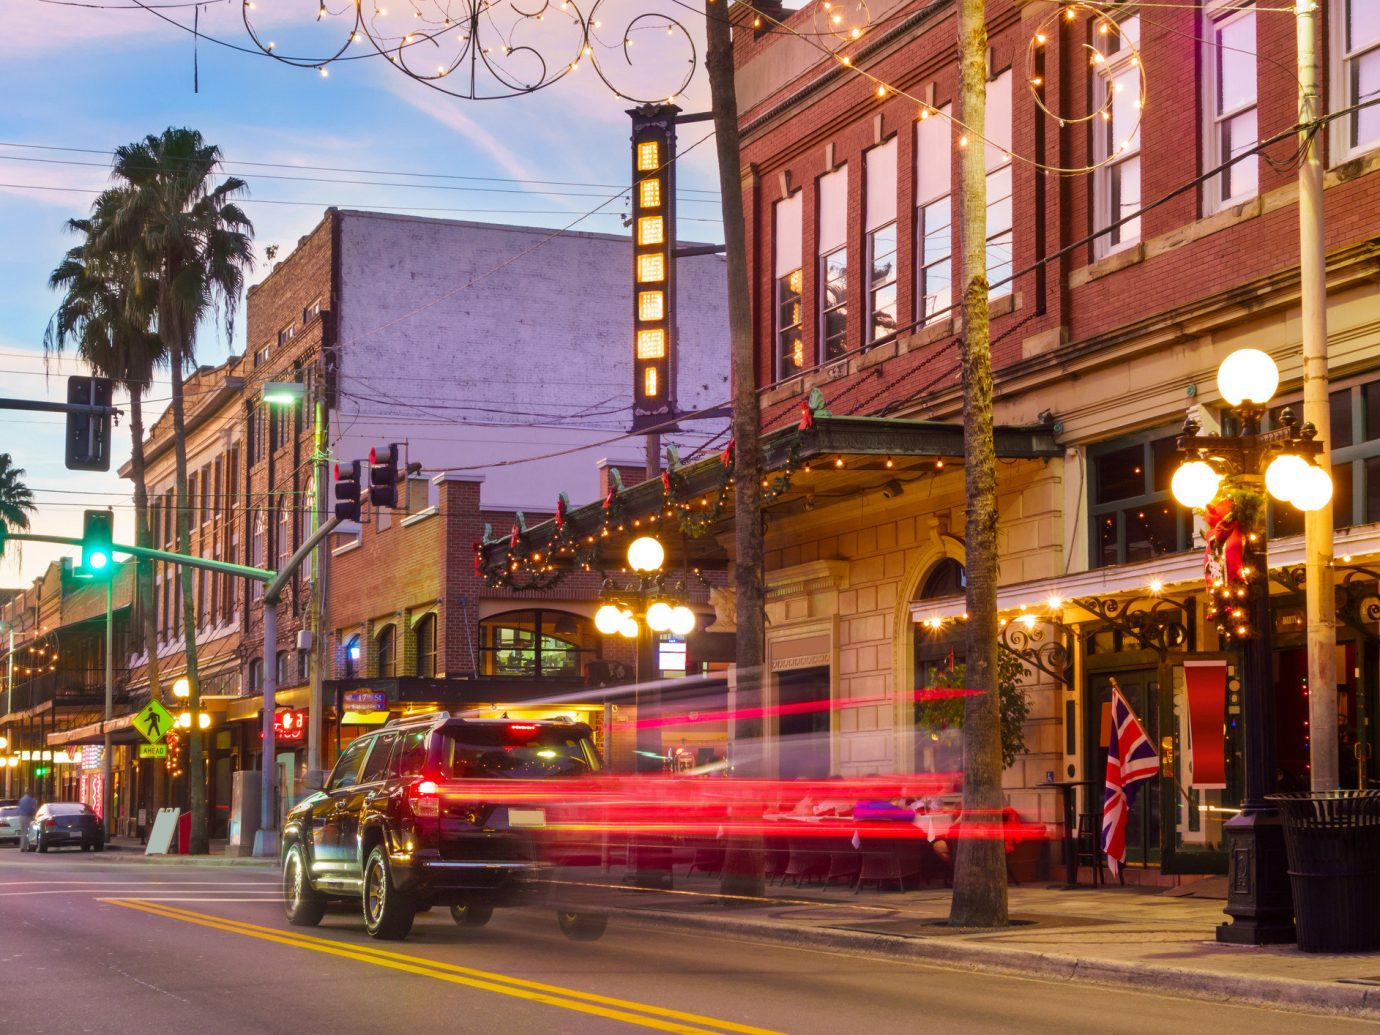 Trip Ideas building outdoor road street Town City neighbourhood urban area human settlement Downtown way night evening infrastructure light cityscape pedestrian plaza sidewalk